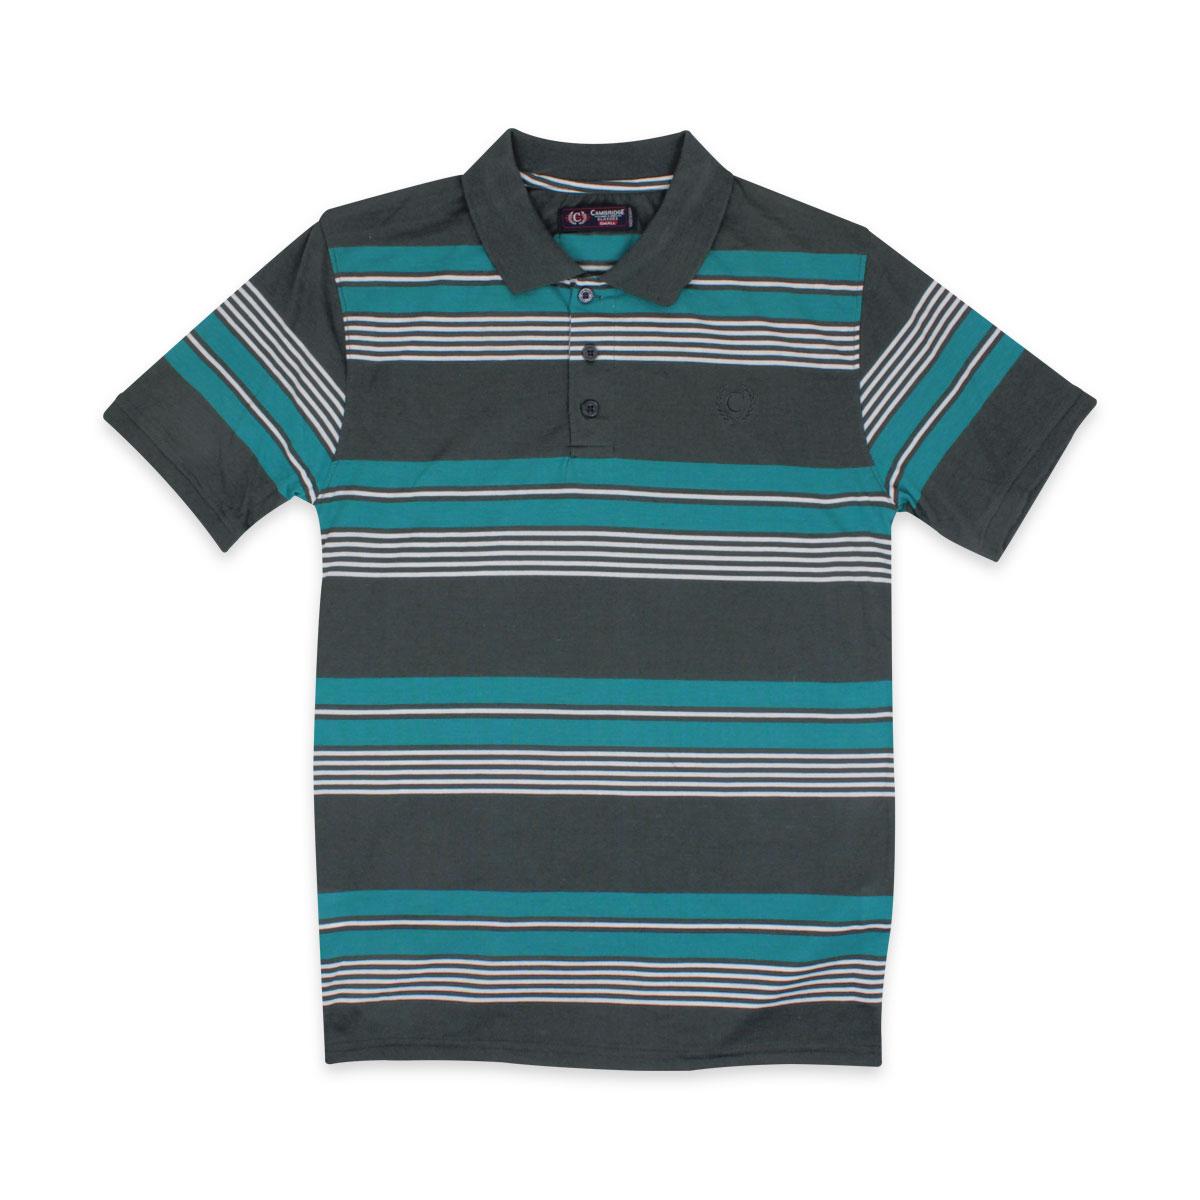 Camisas-Polo-Para-Hombre-A-Rayas-Pique-Con-Cuello-camiseta-Camiseta-Manga-Corta-De-Verano-S-M-L-XL miniatura 52